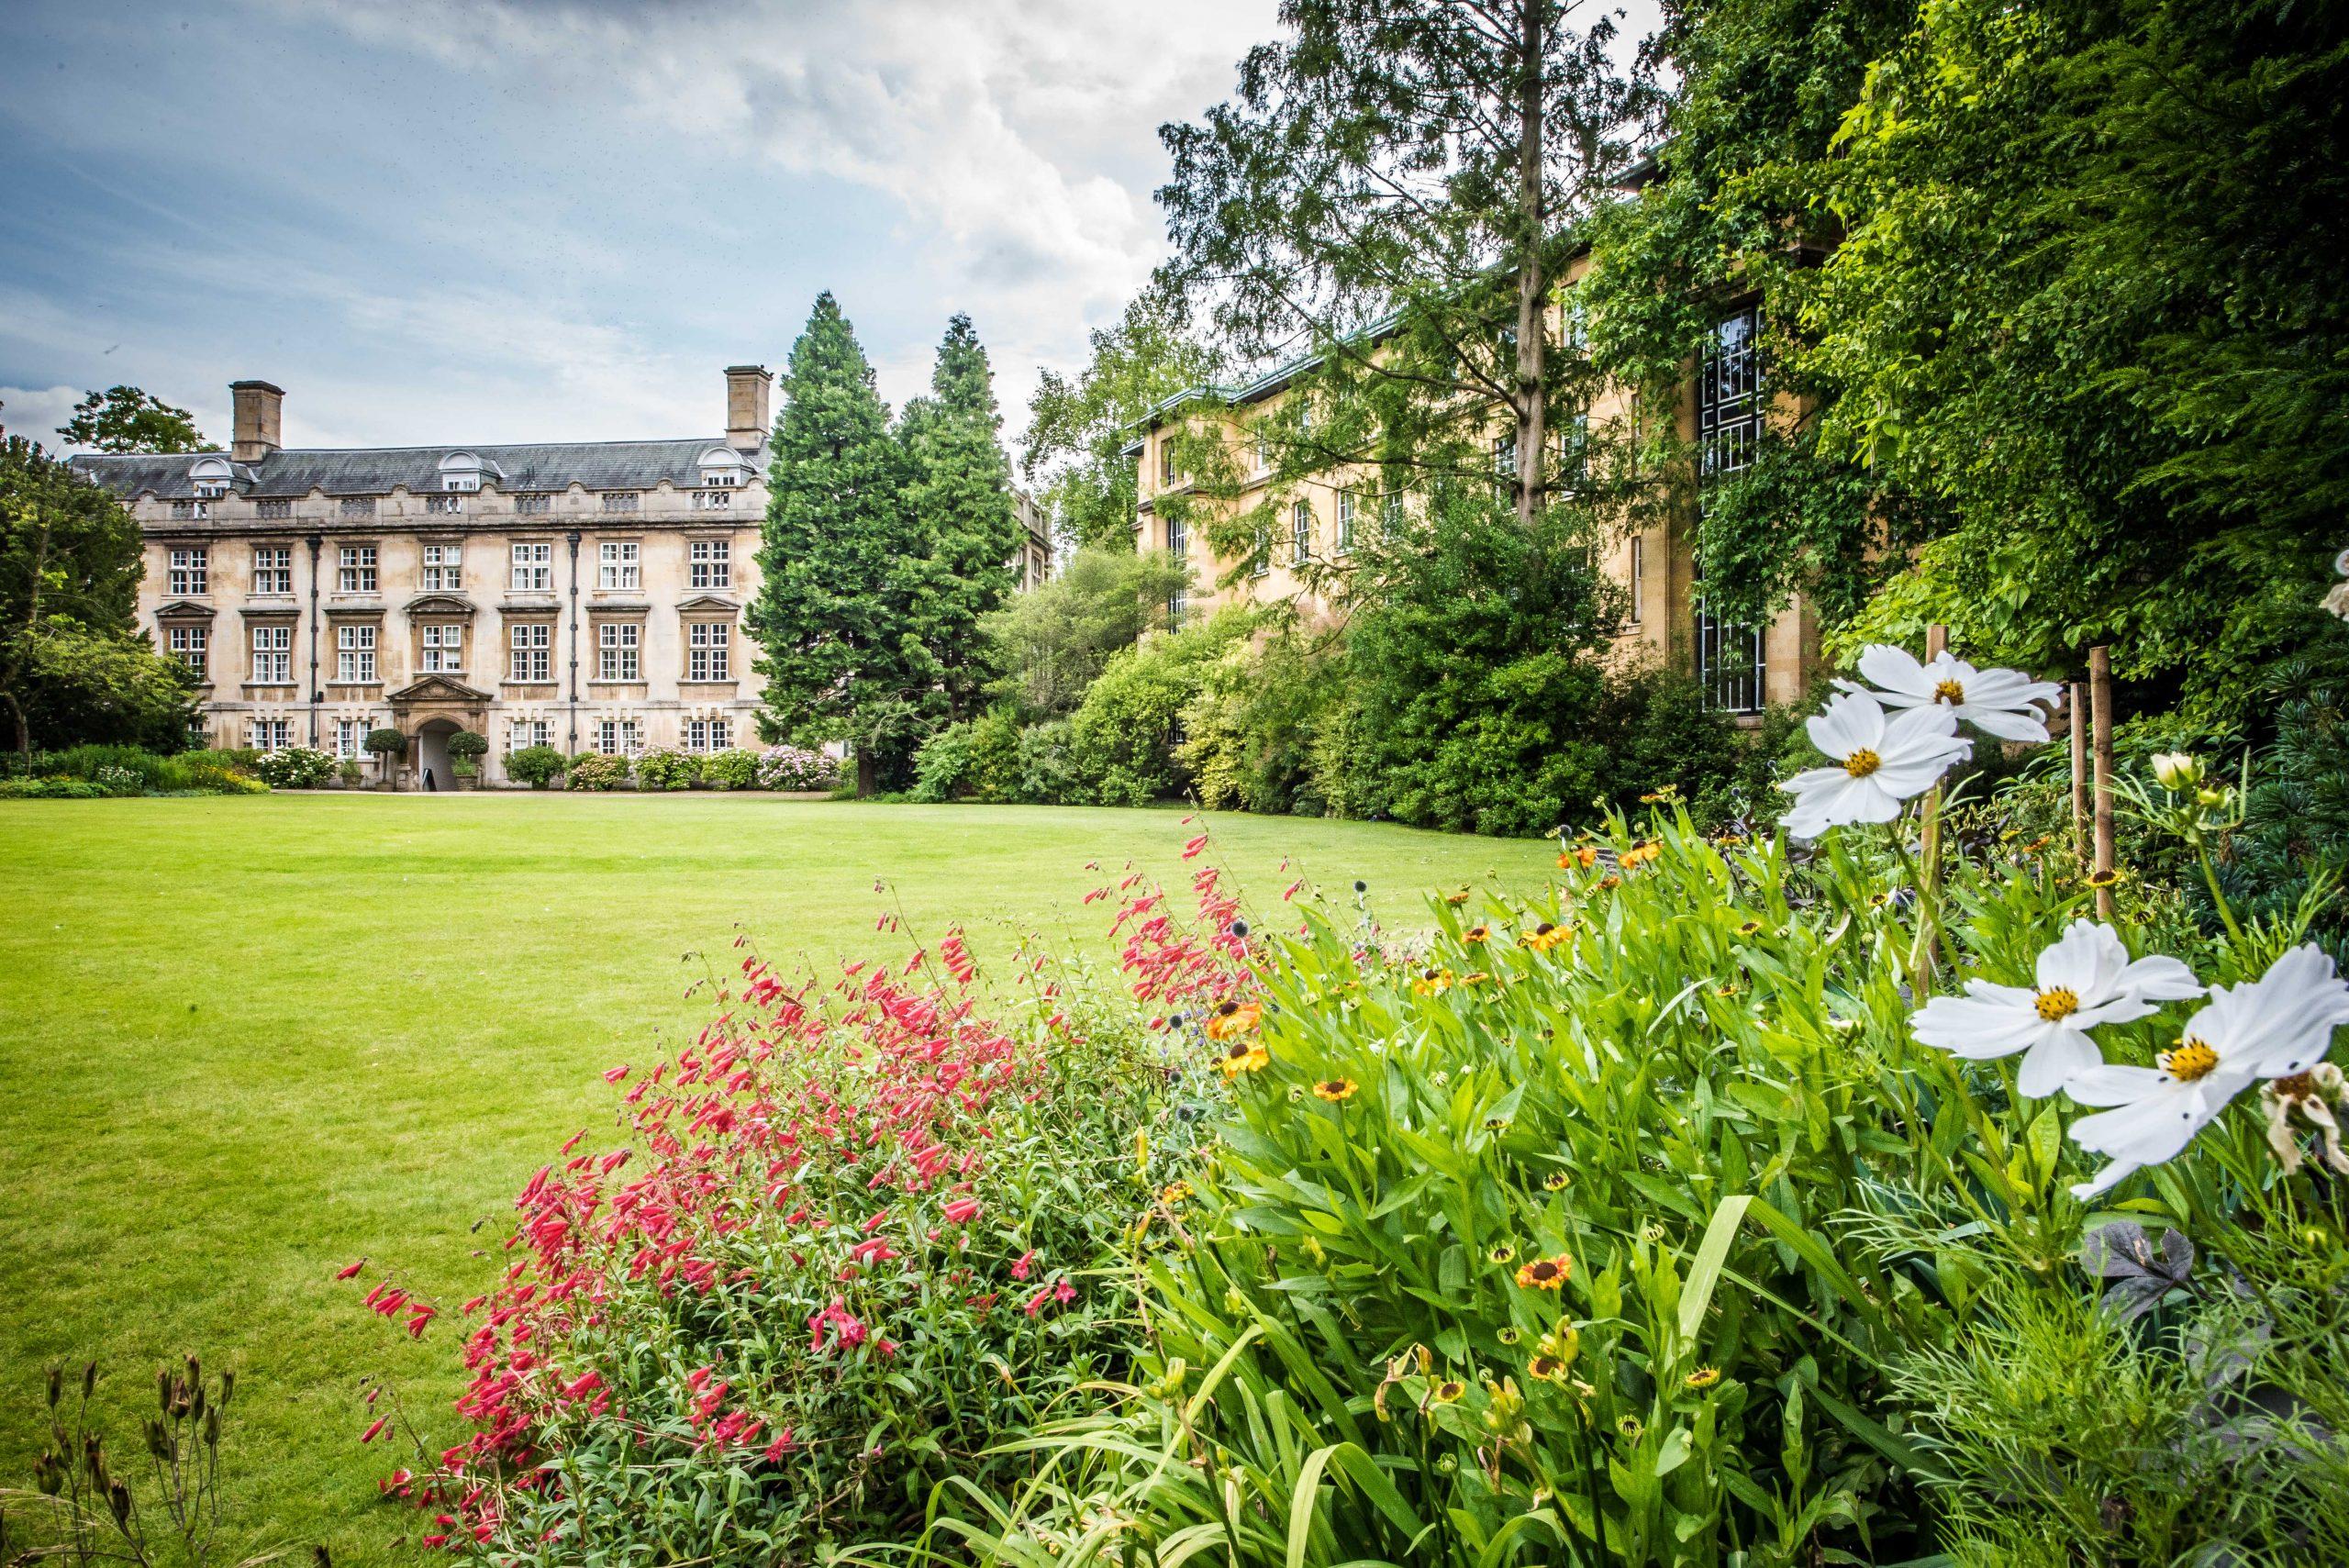 Christ's College Cambridge - The Fellows Garden